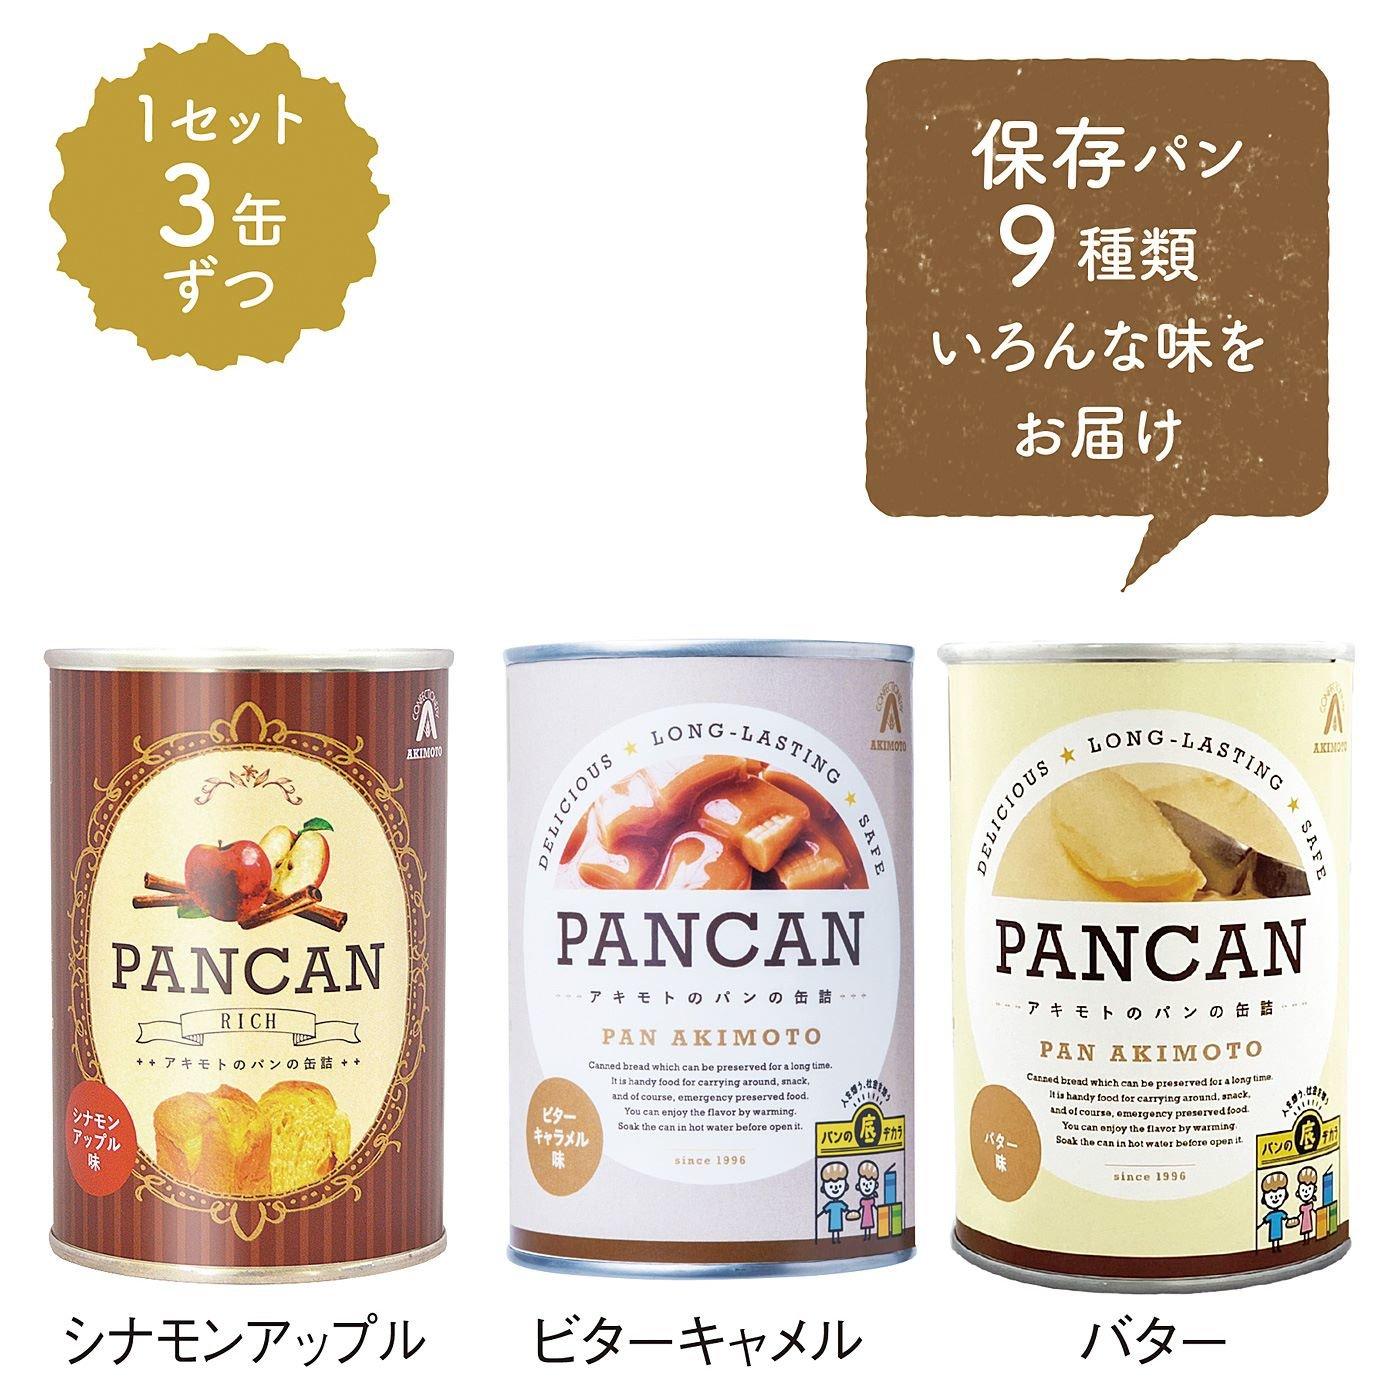 保存可能! それでもおいしいアキモトのパン缶 食べながら備蓄セット【2巡】の会(10回予約)